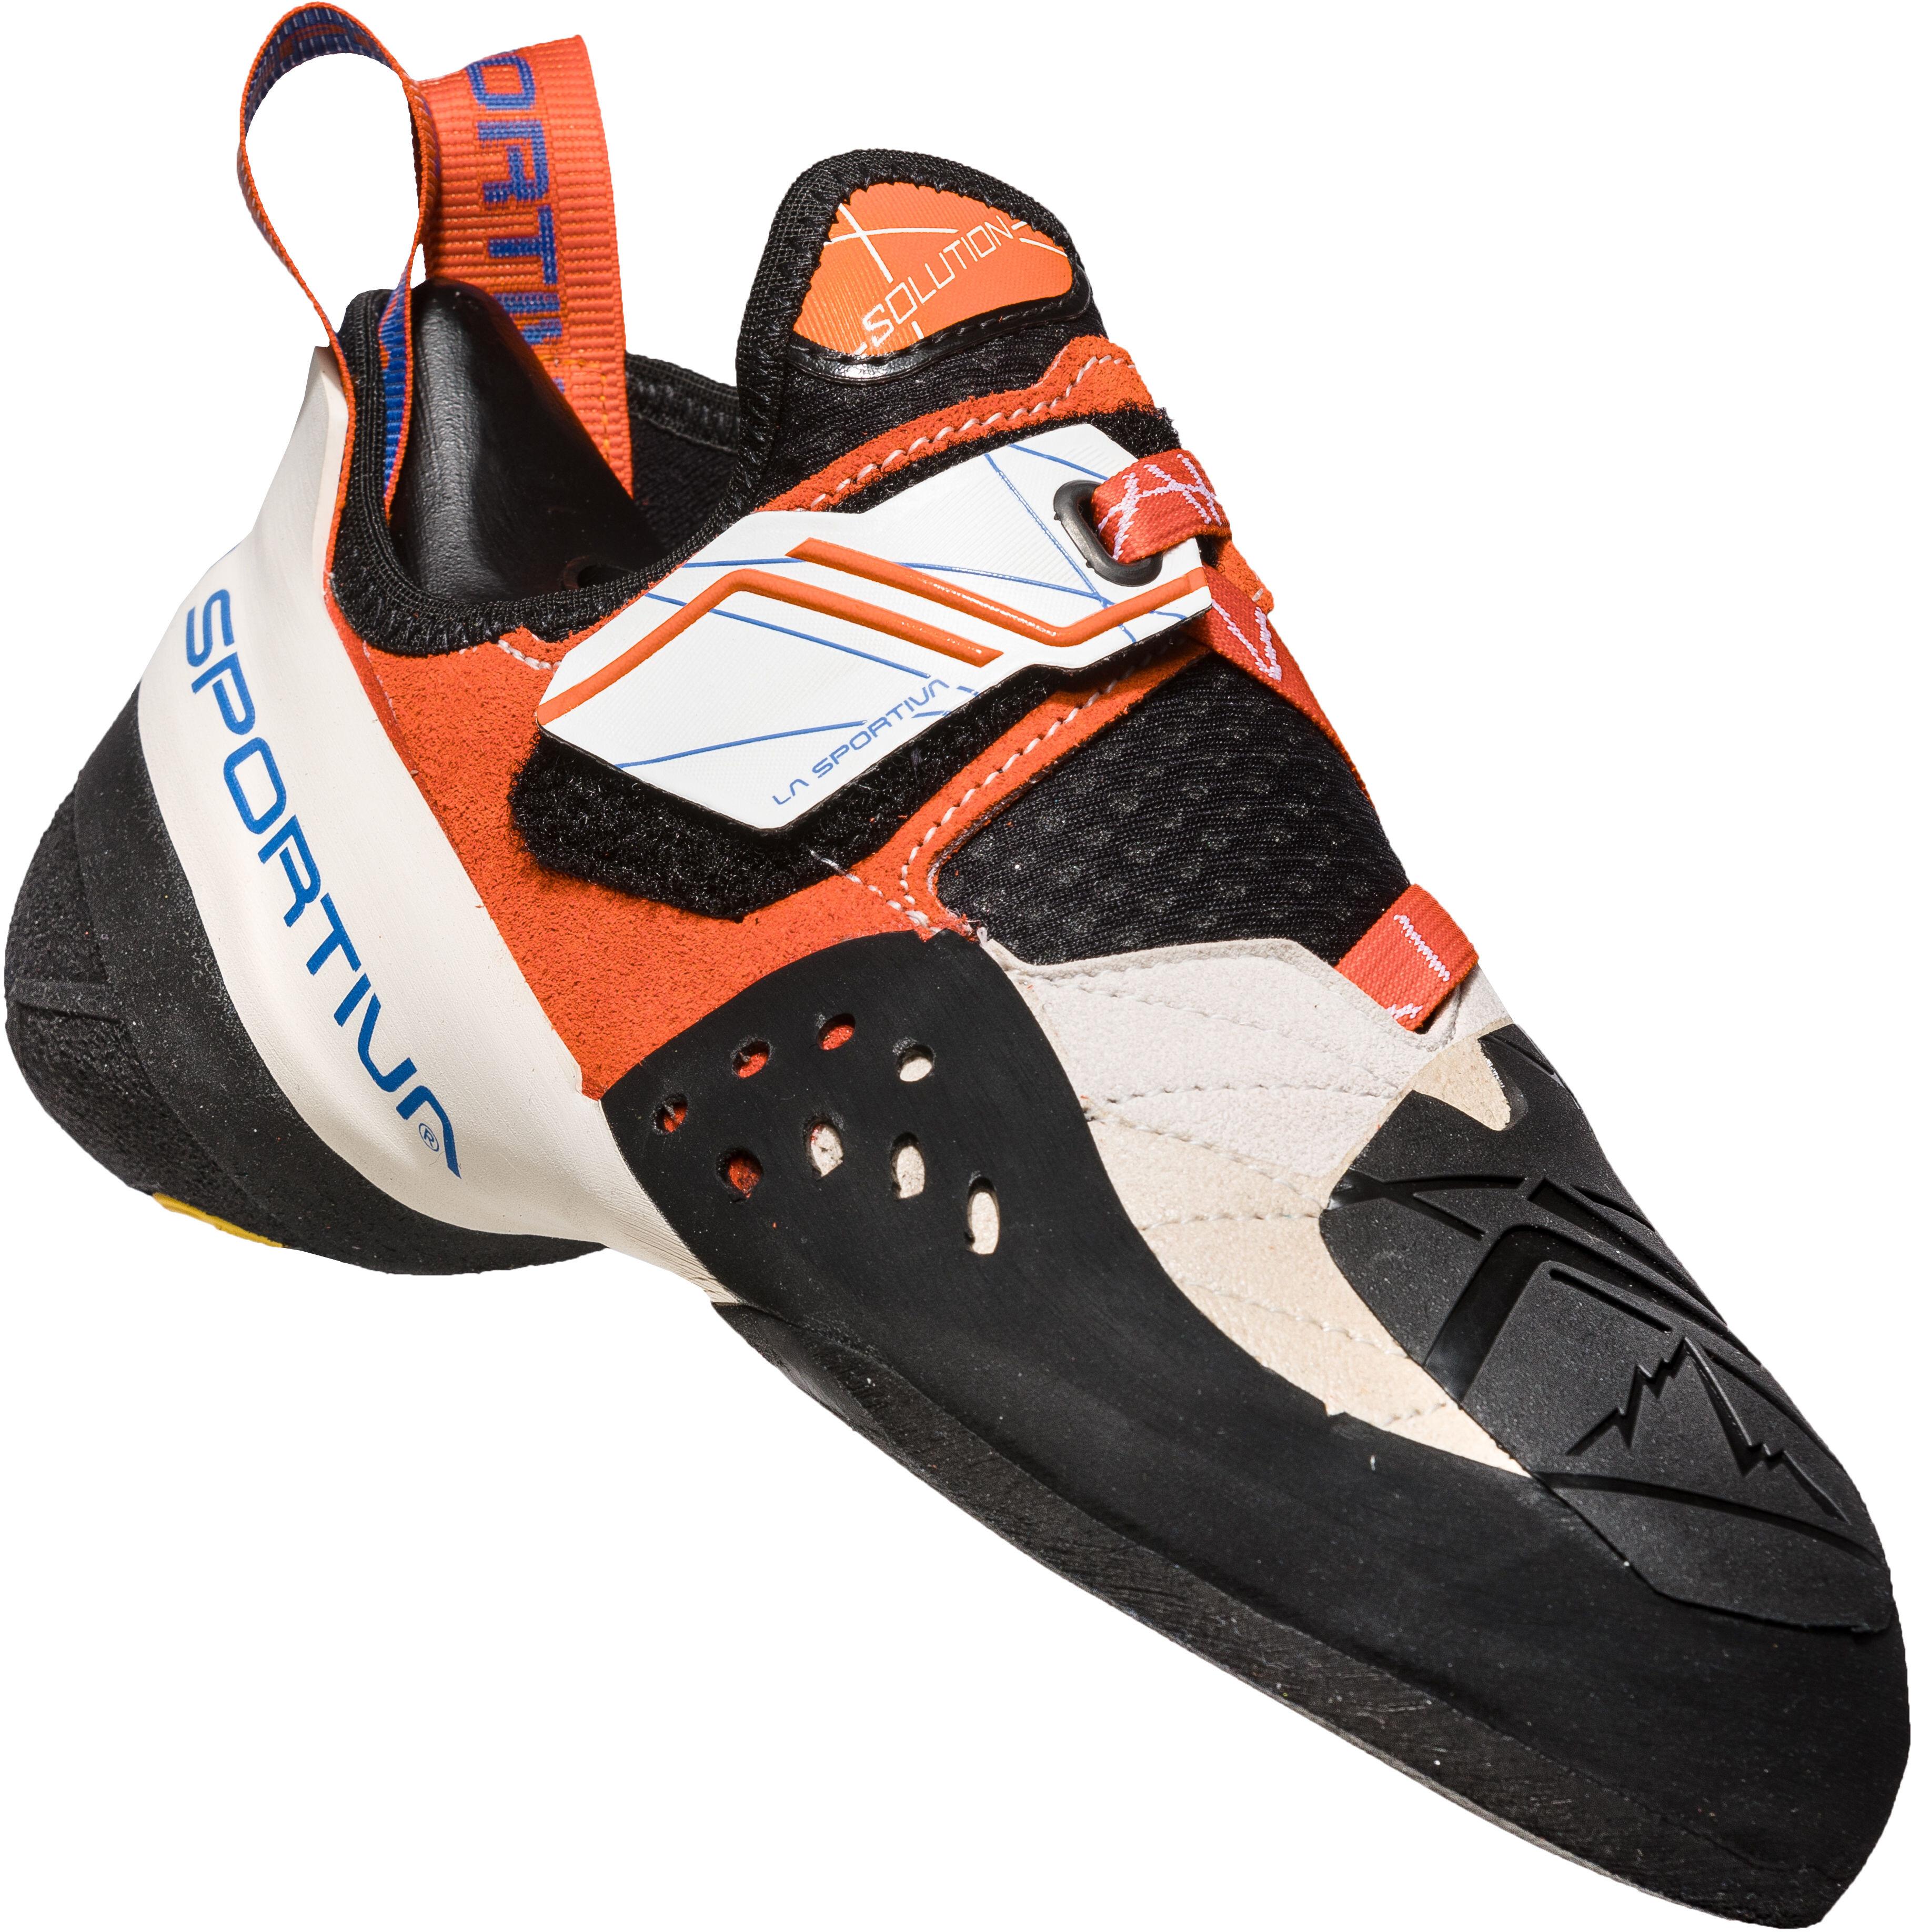 New La Sportiva Climbing Shoes